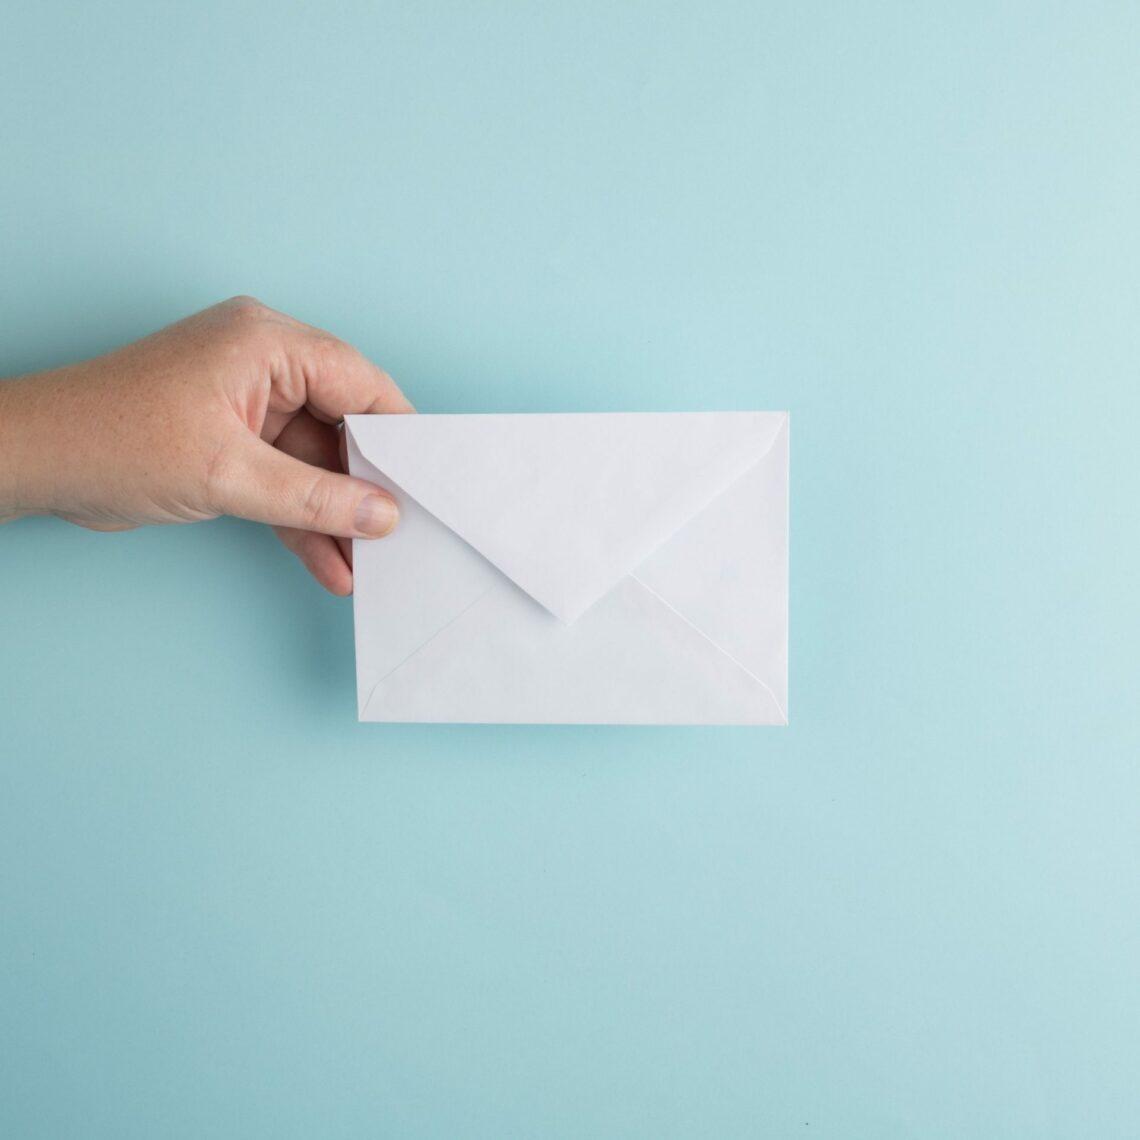 Best Mail Holders for Desks